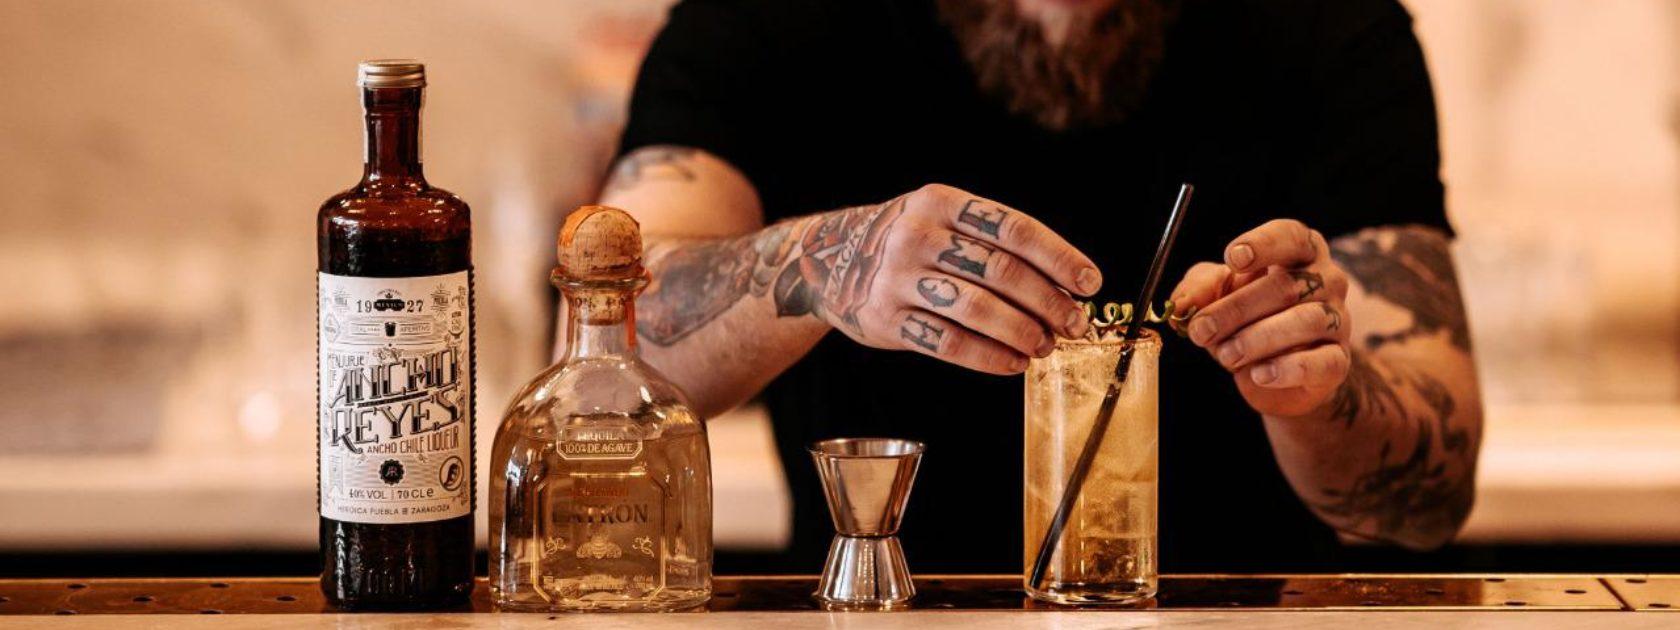 Voor sommigen een go to drankje bij het stappen en voor anderen een guilty pleasure; Niels van Wouwe van Williams Canteen deelt hieronder hoe je in een handomdraai de beste Malibu Cola op tafel zet.